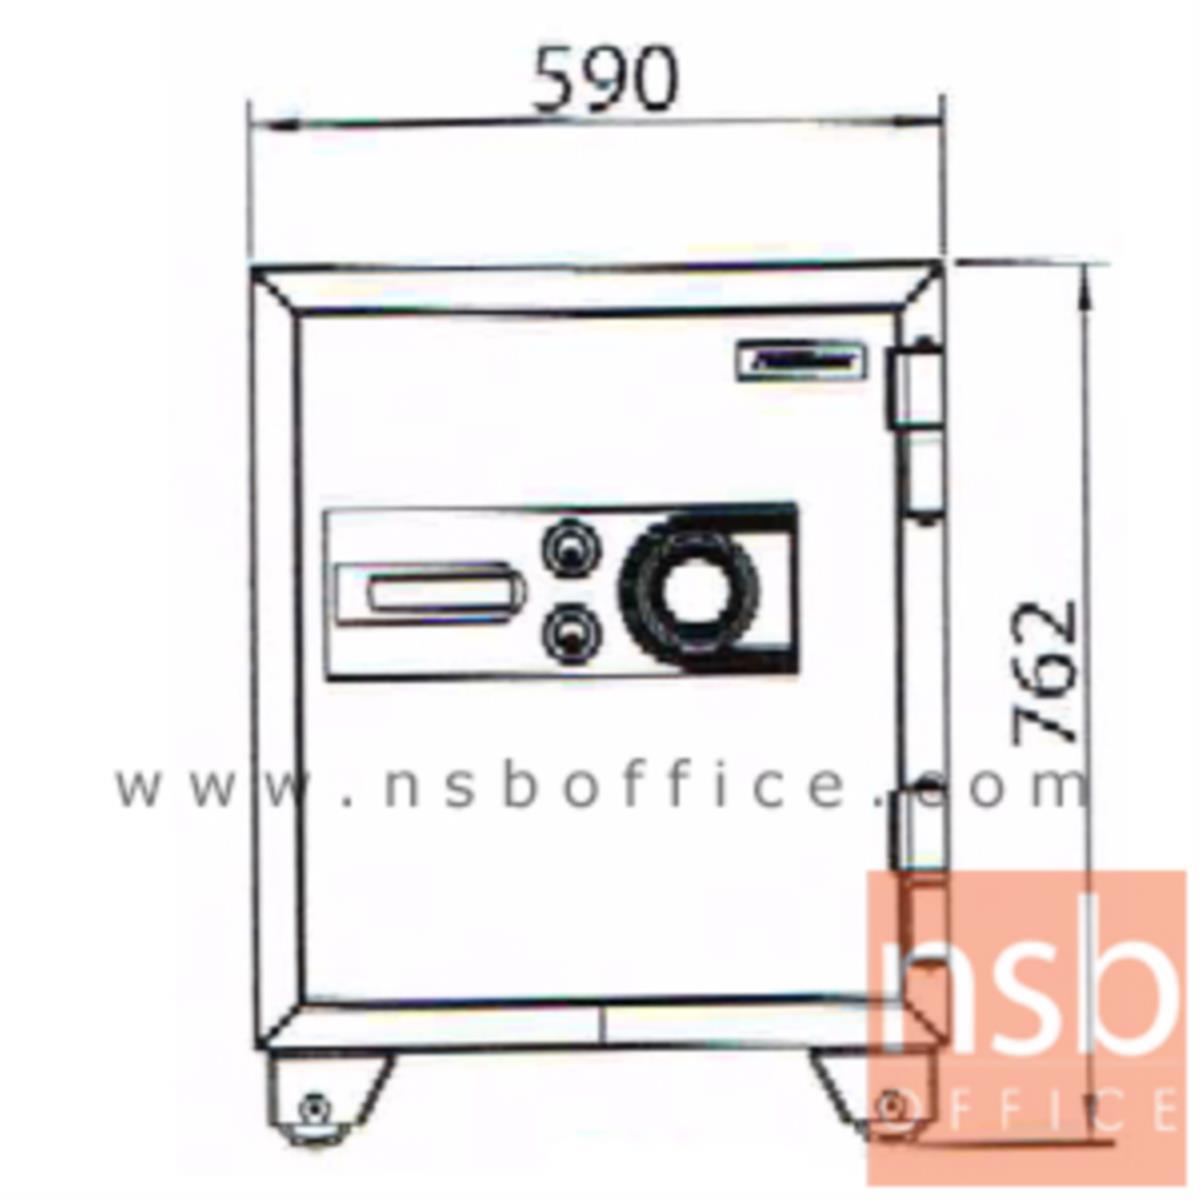 ตู้เซฟนิรภัยชนิดหมุน 155 กก. รุ่น PRESIDENT-SB30 มี 2 กุญแจ 1 รหัส (รหัสใช้หมุนหน้าตู้)